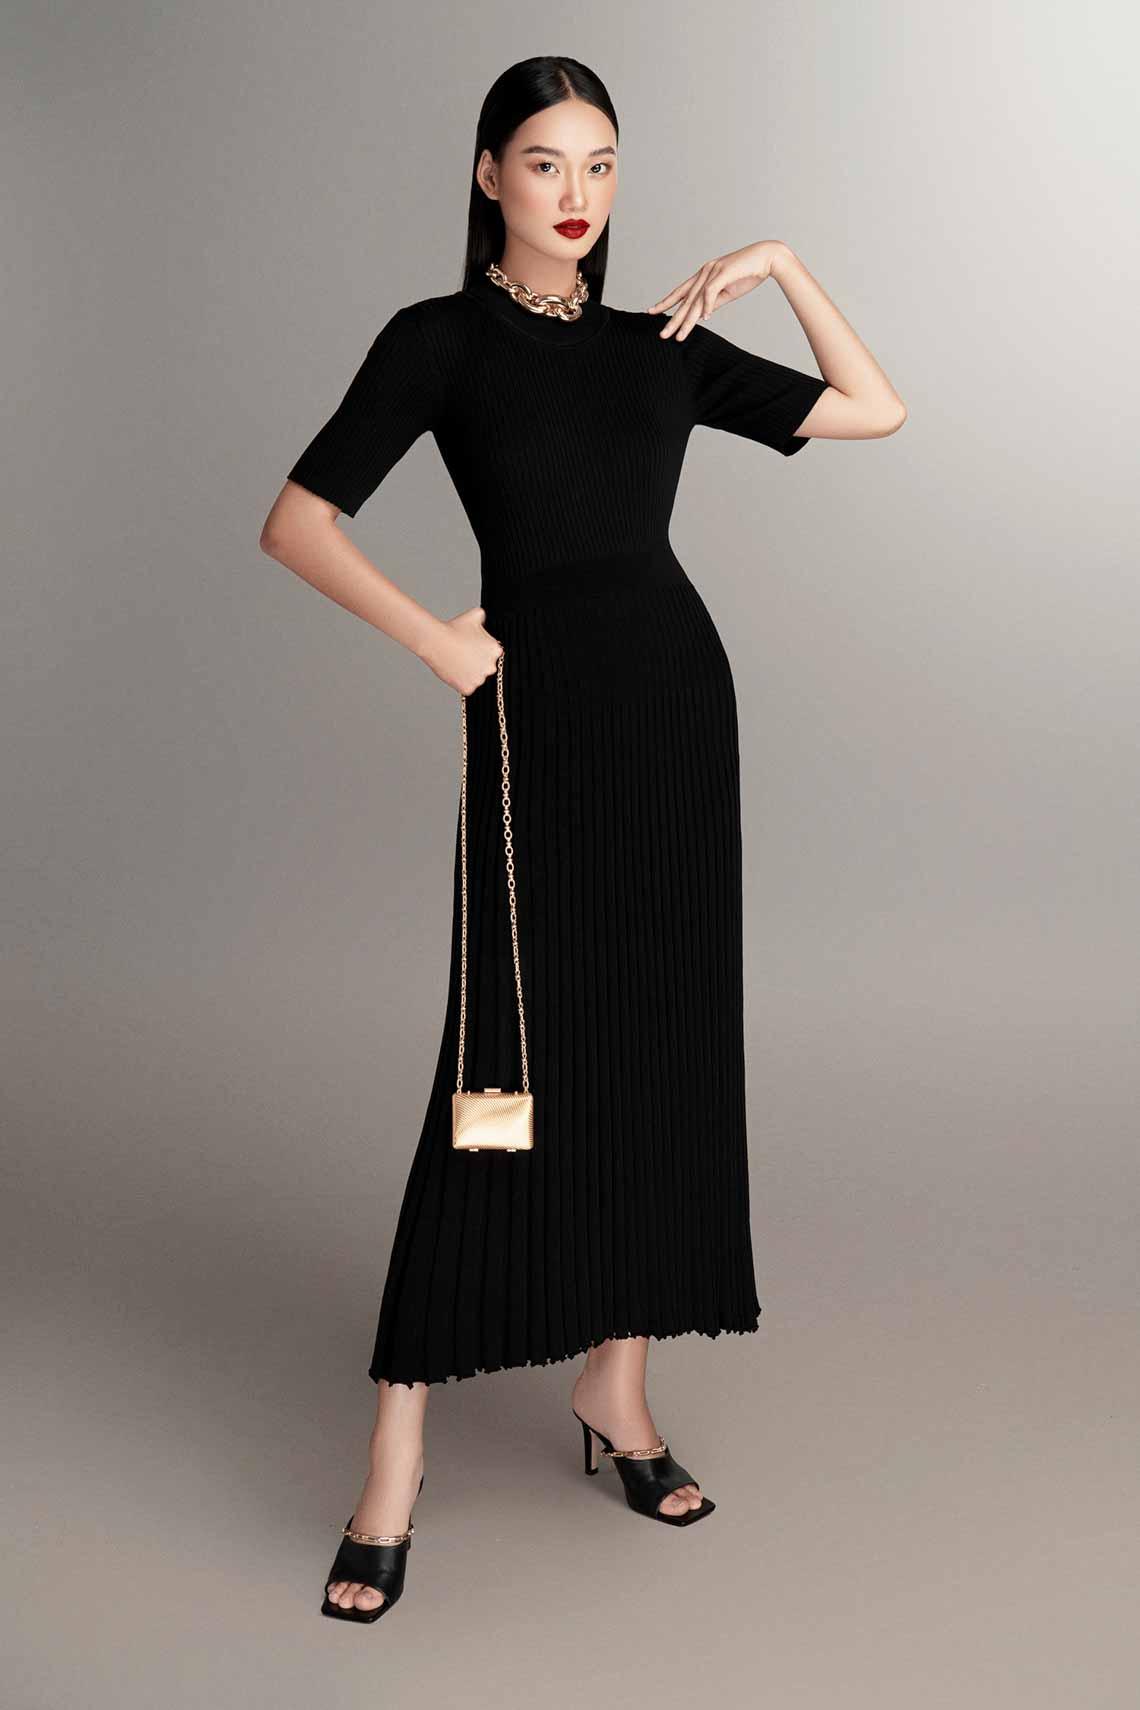 NTK Đỗ Mạnh Cường tư vấn 6 công thức mặc đẹp mùa cuối năm với trang phục dệt kim -5